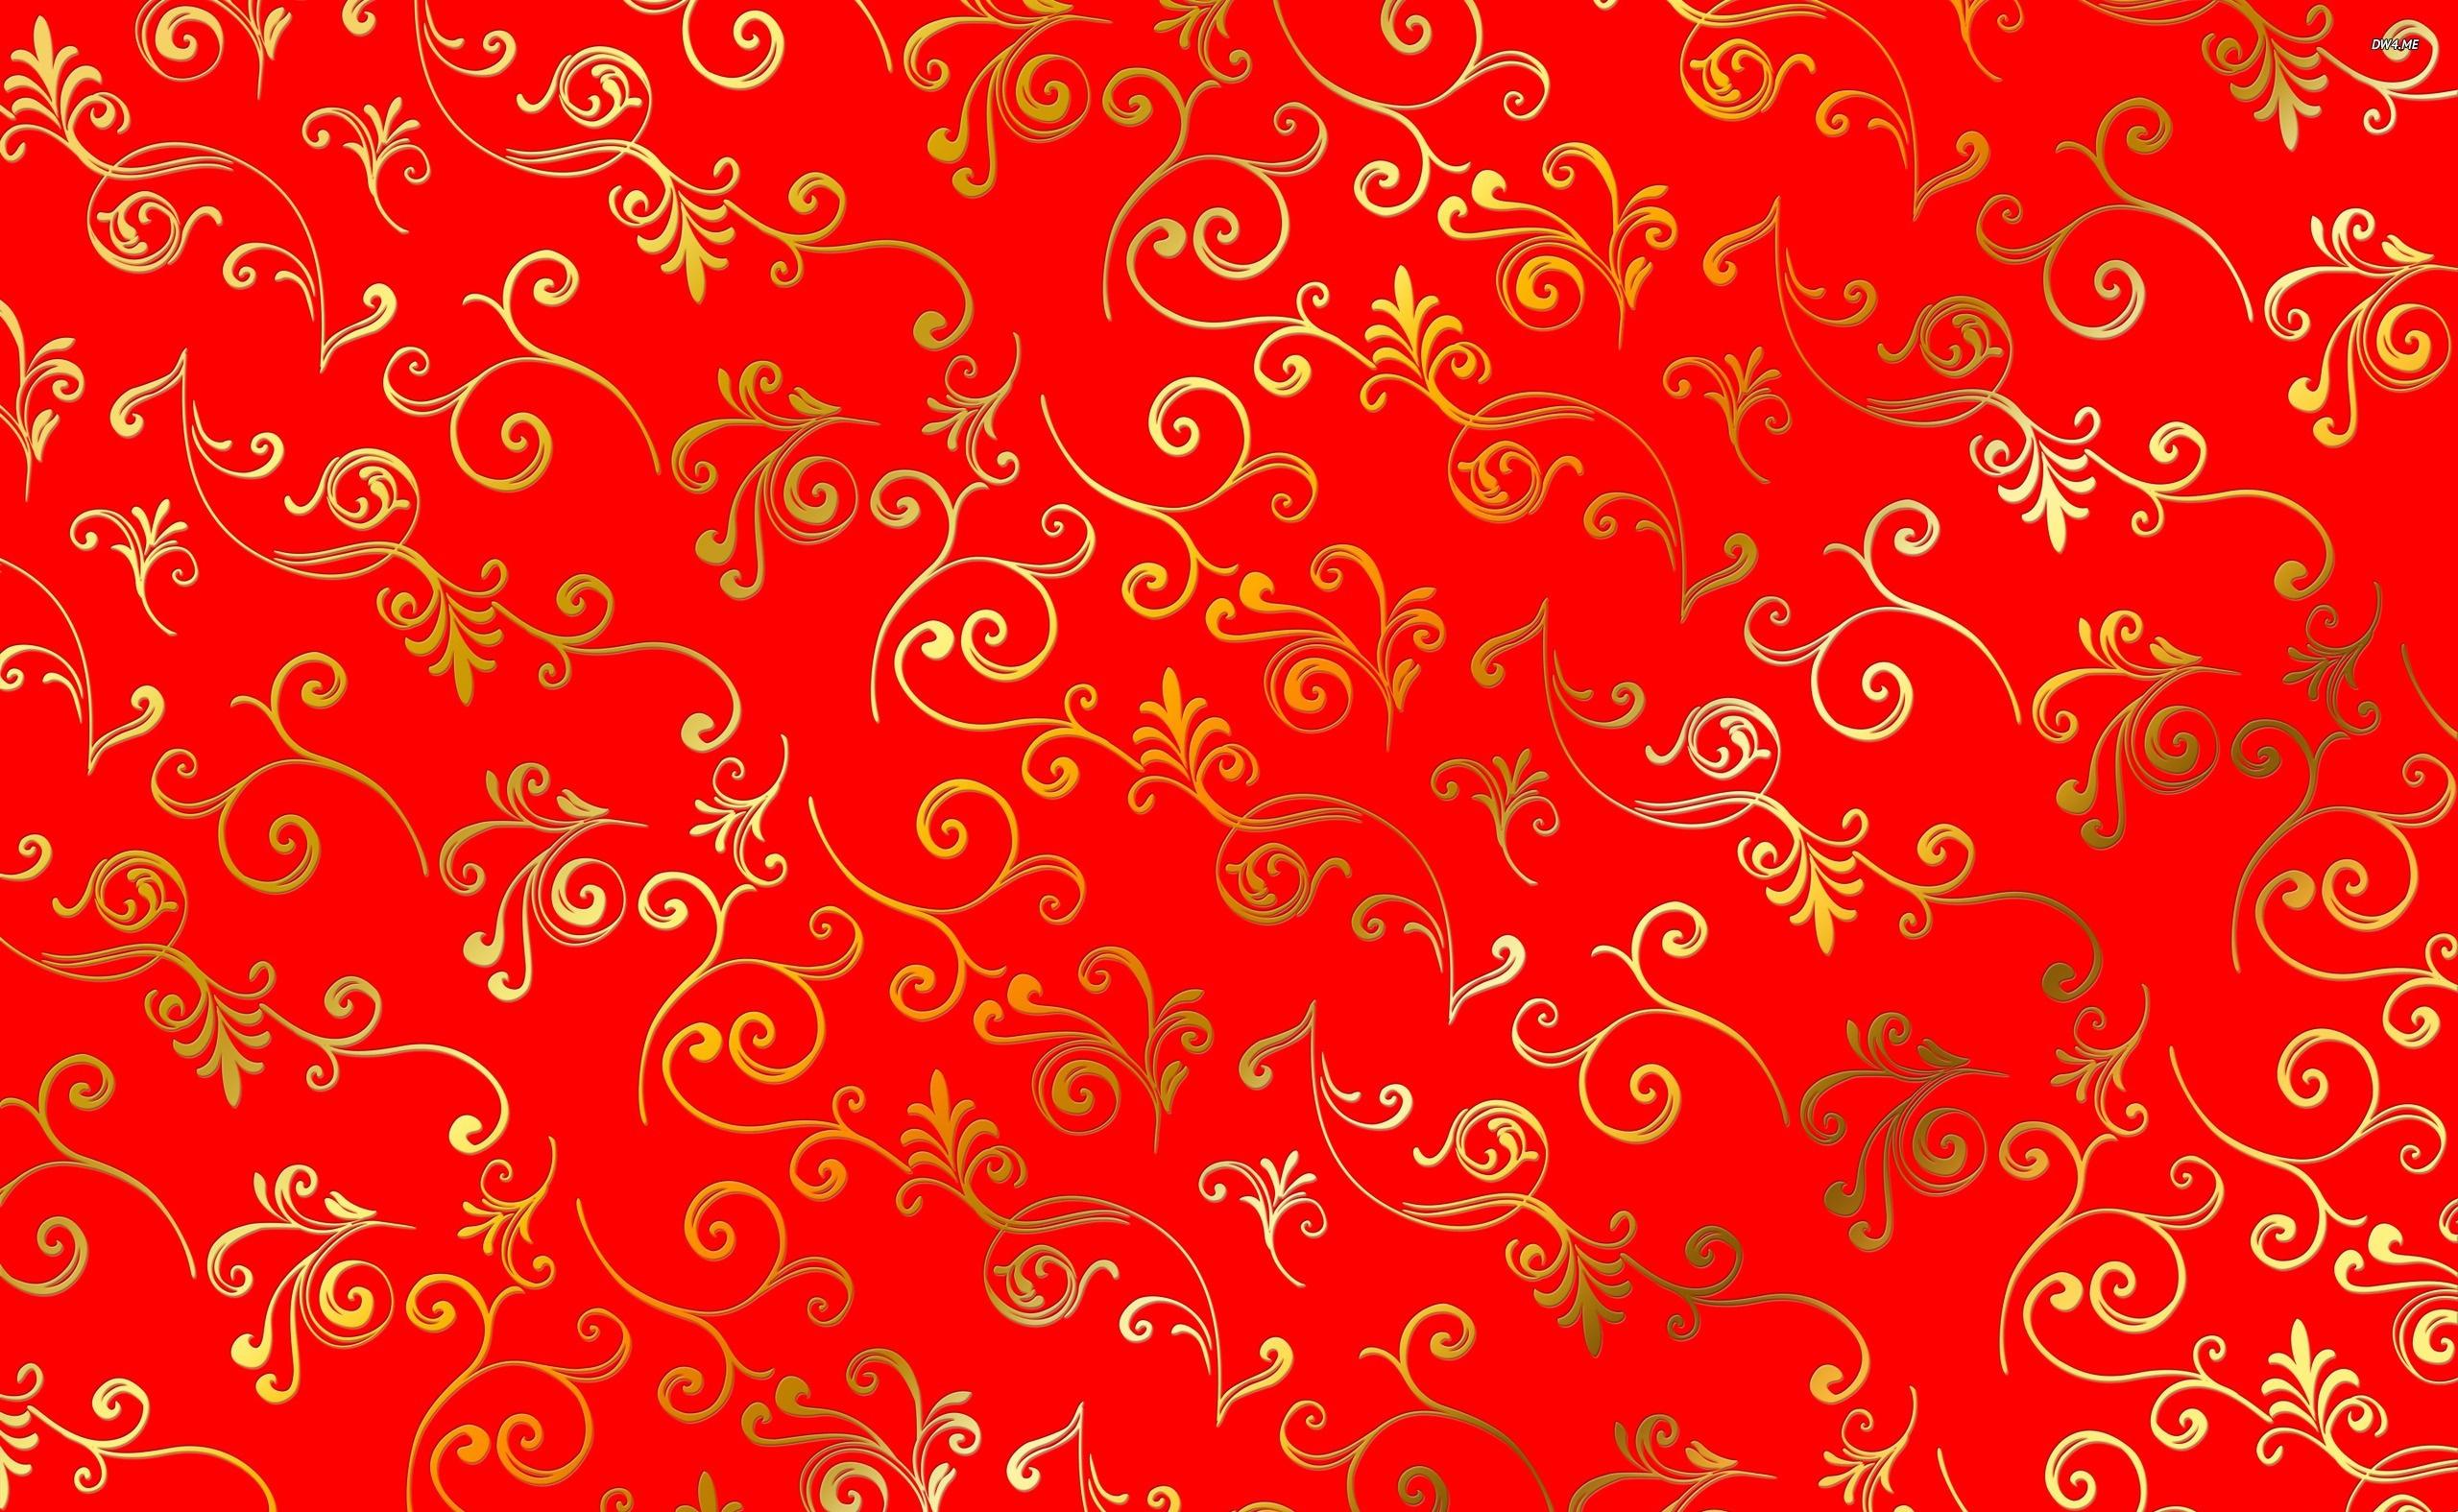 Картинки с узорами красные